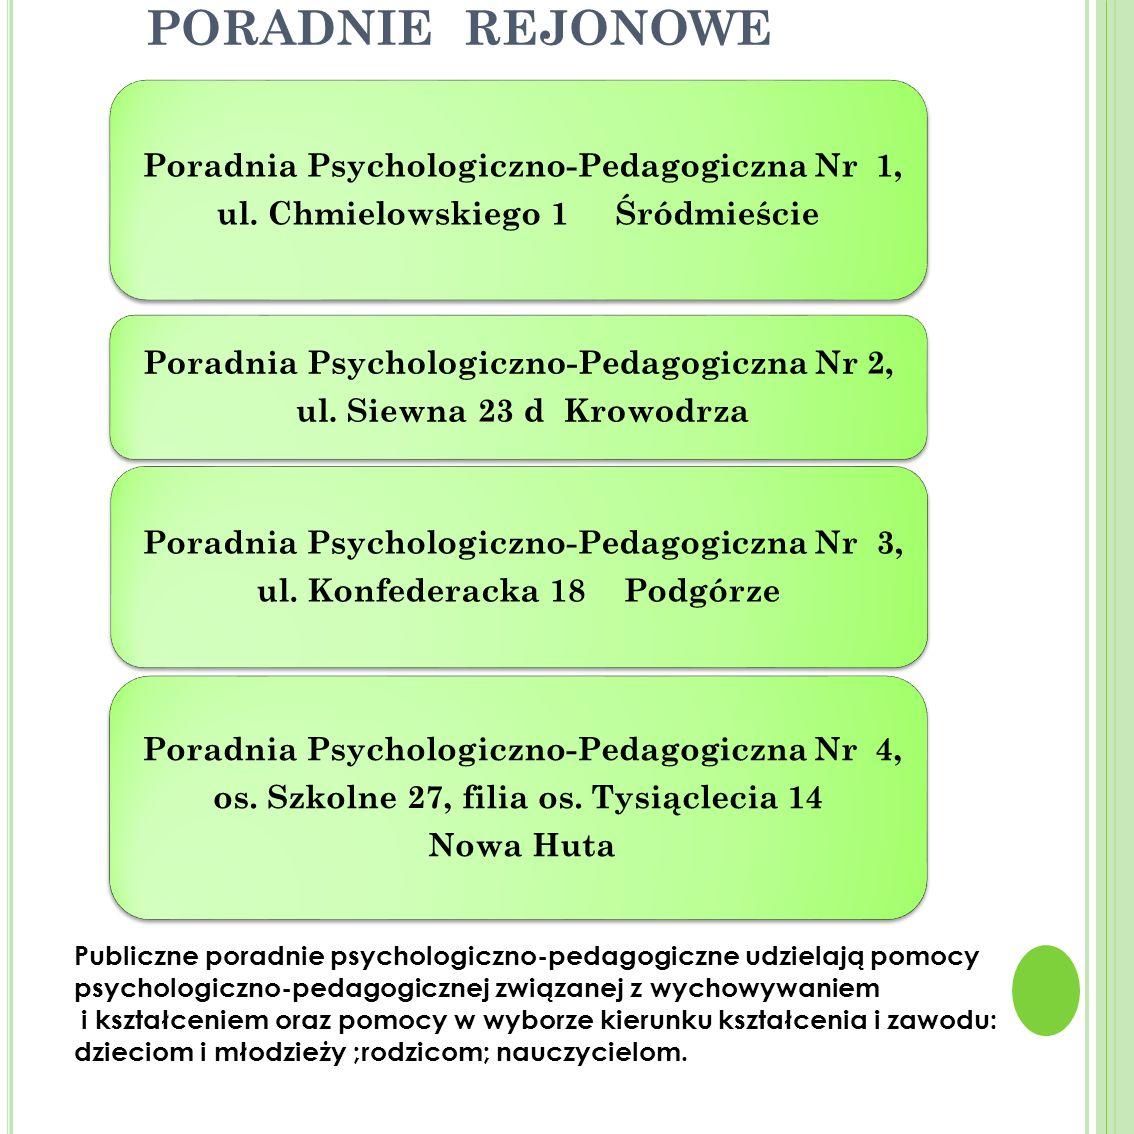 PORADNIE REJONOWE Poradnia Psychologiczno-Pedagogiczna Nr 1, ul. Chmielowskiego 1 Śródmieście Poradnia Psychologiczno-Pedagogiczna Nr 2, ul. Siewna 23